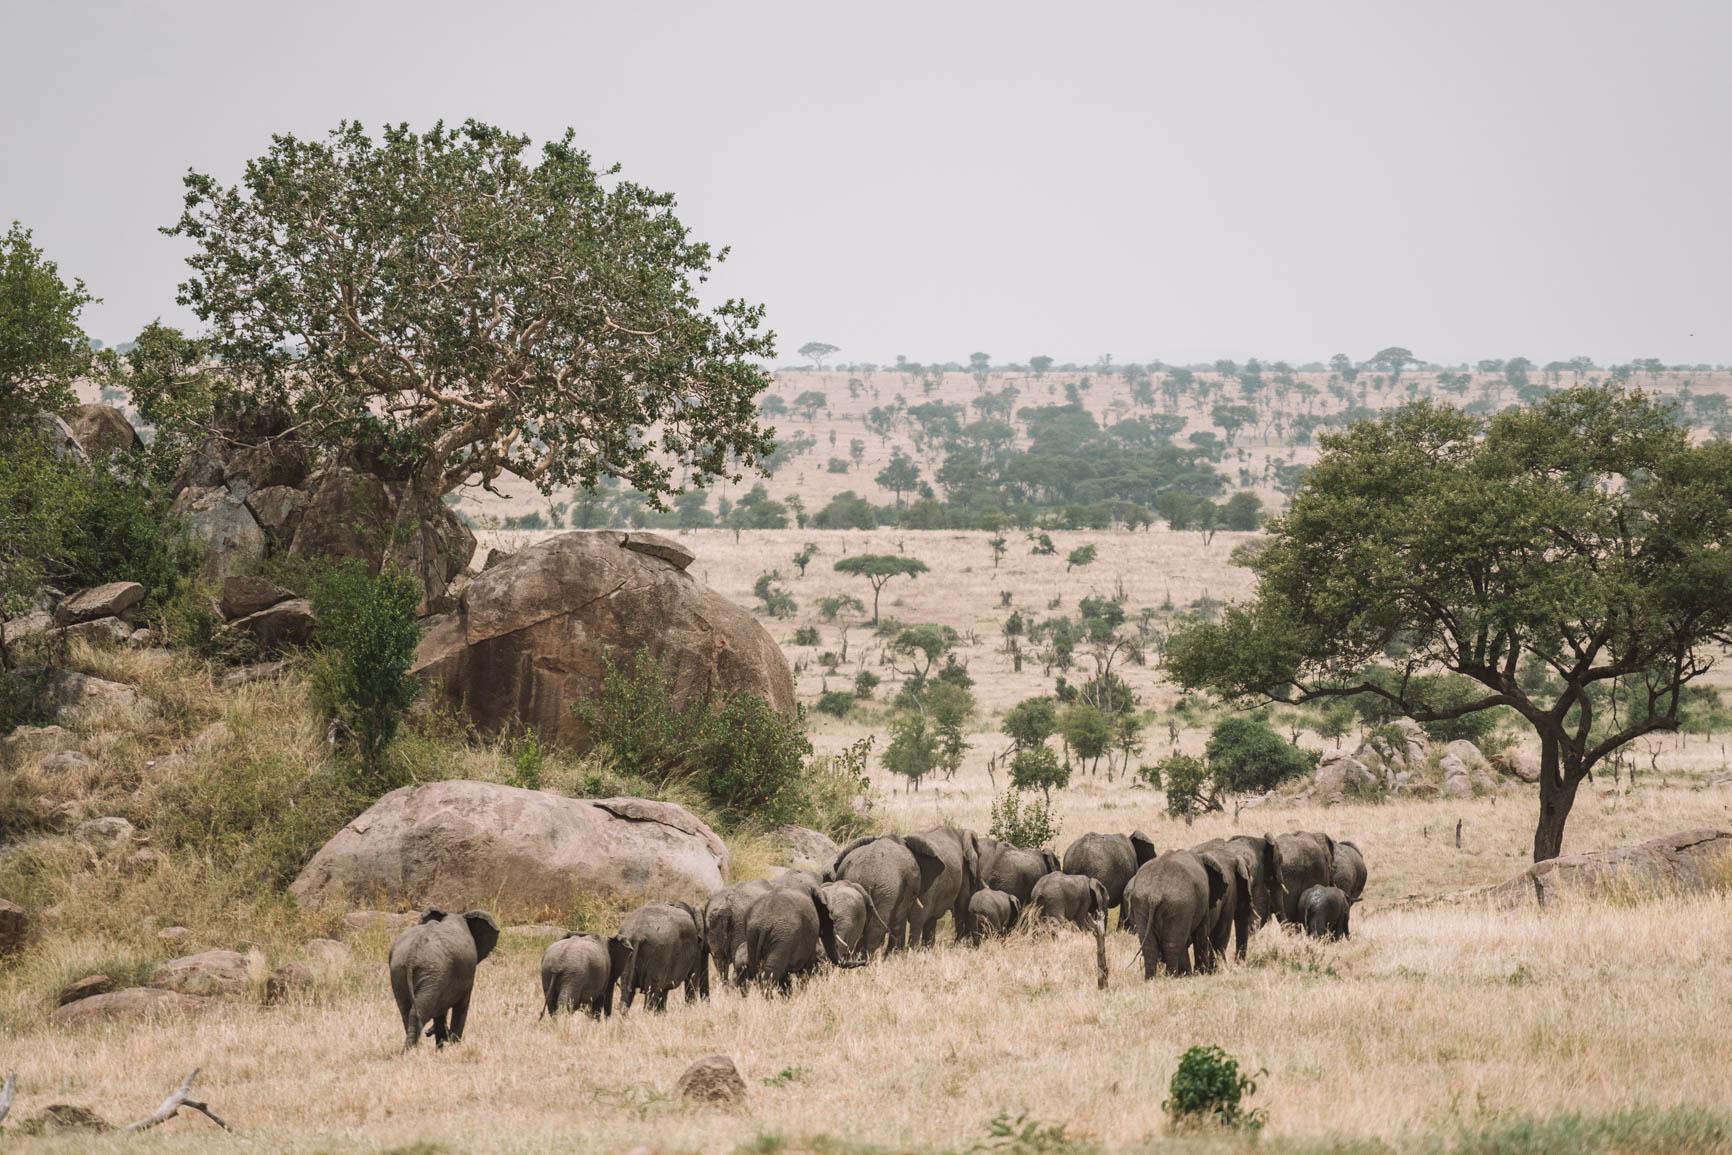 Kenya and Tanzania Safari tips and recommendations